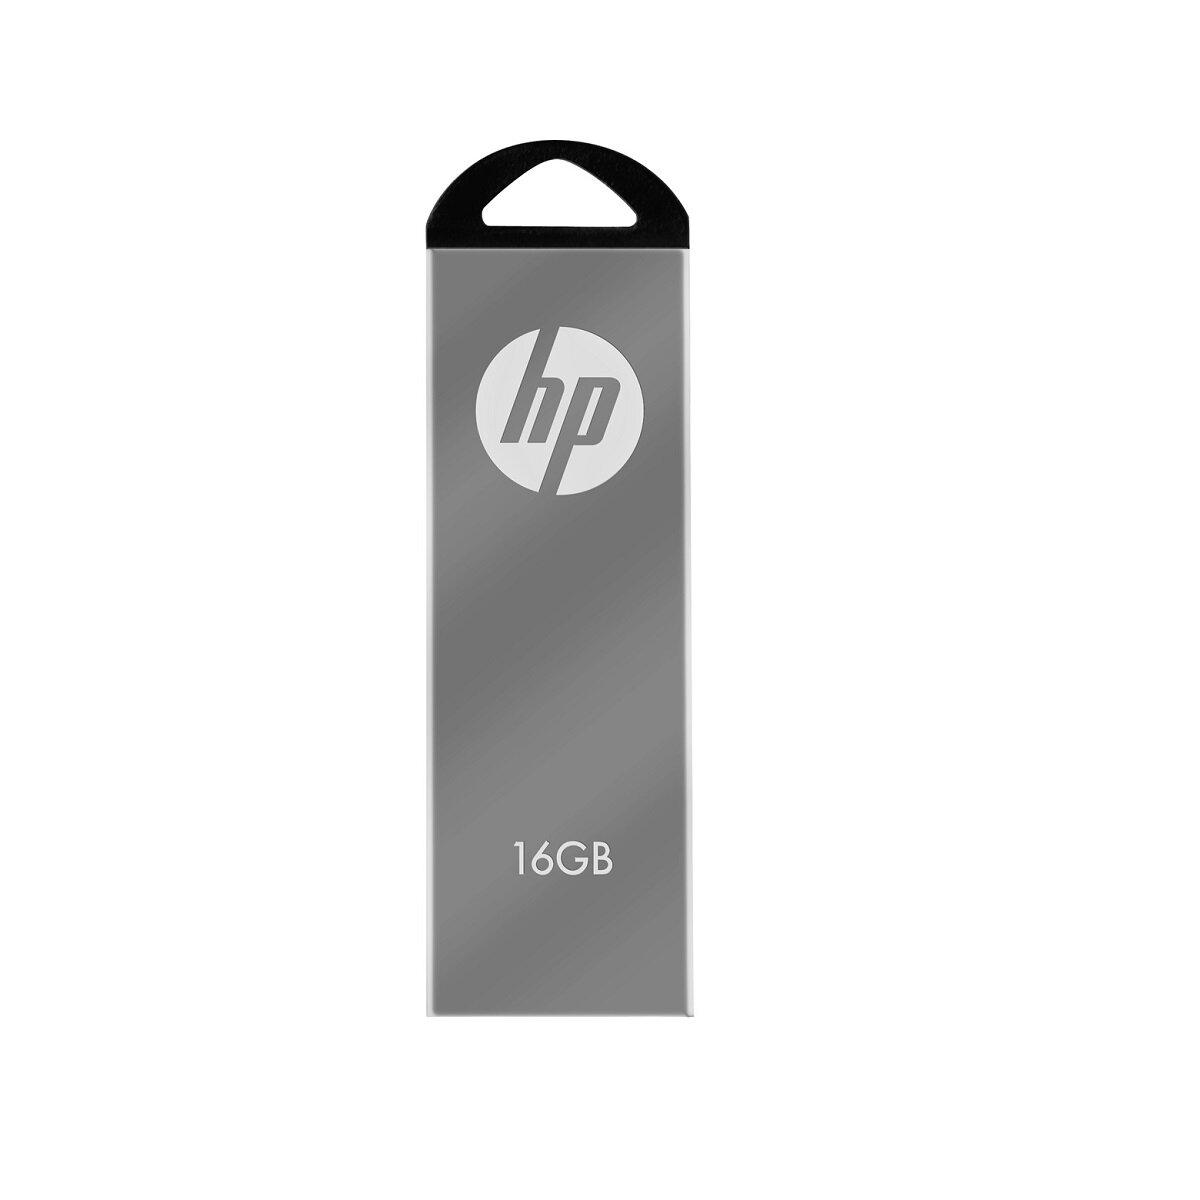 Thẻ nhớ USB HP V220W - 16GB, USB 2.0